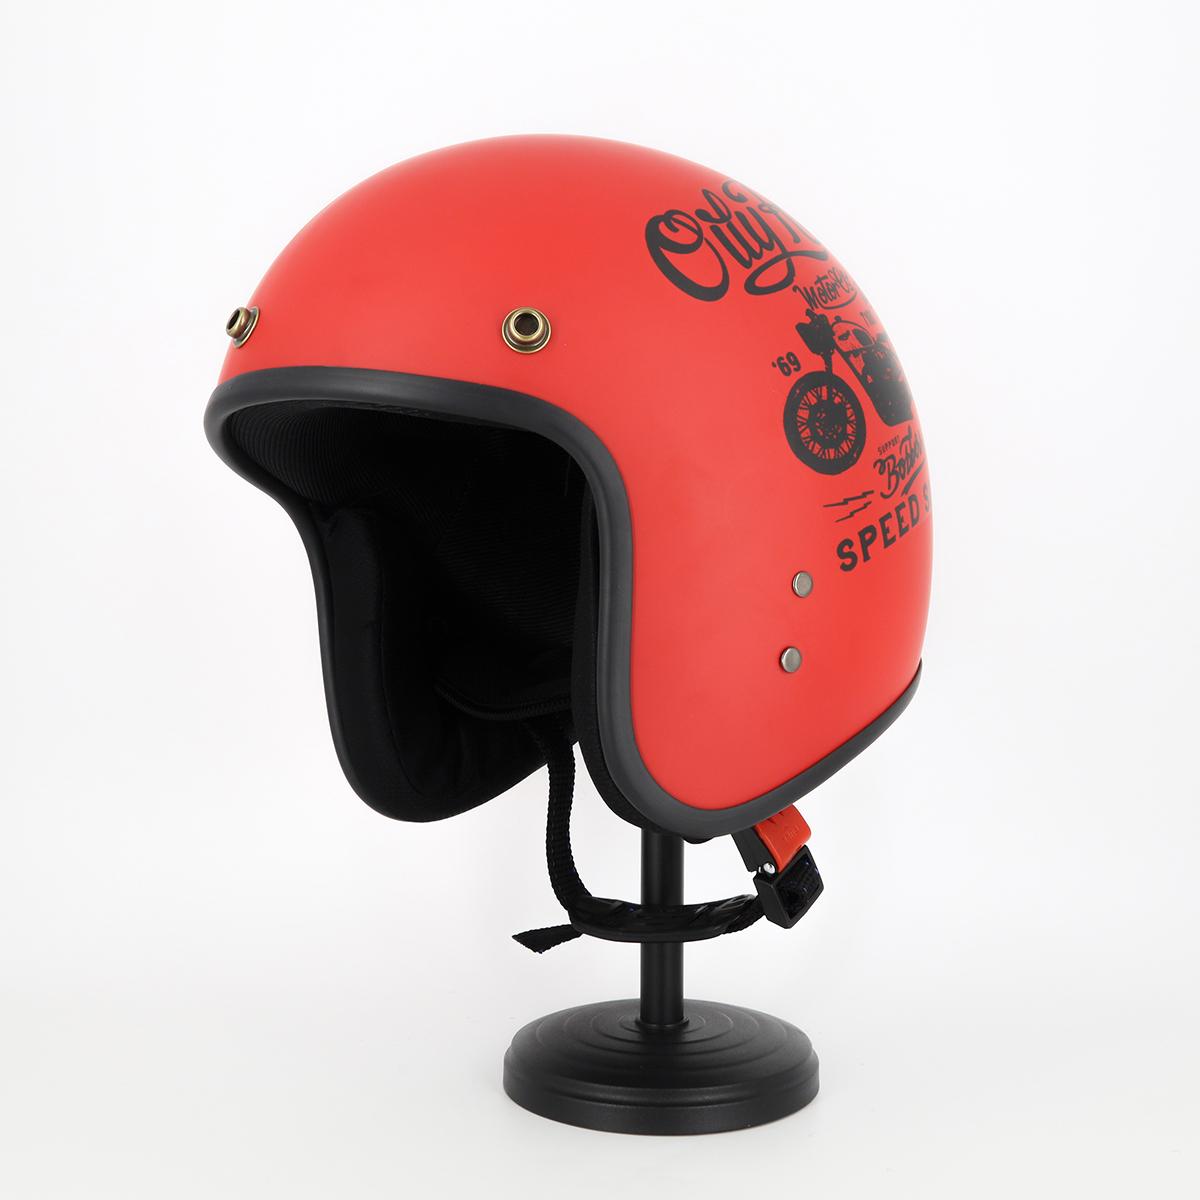 Mũ Bảo Hiểm 3 4 Đầu Tem Xe Siêu Chất - Mũ Bảo Hiểm Chuyên Phượt Cao Cấp 2